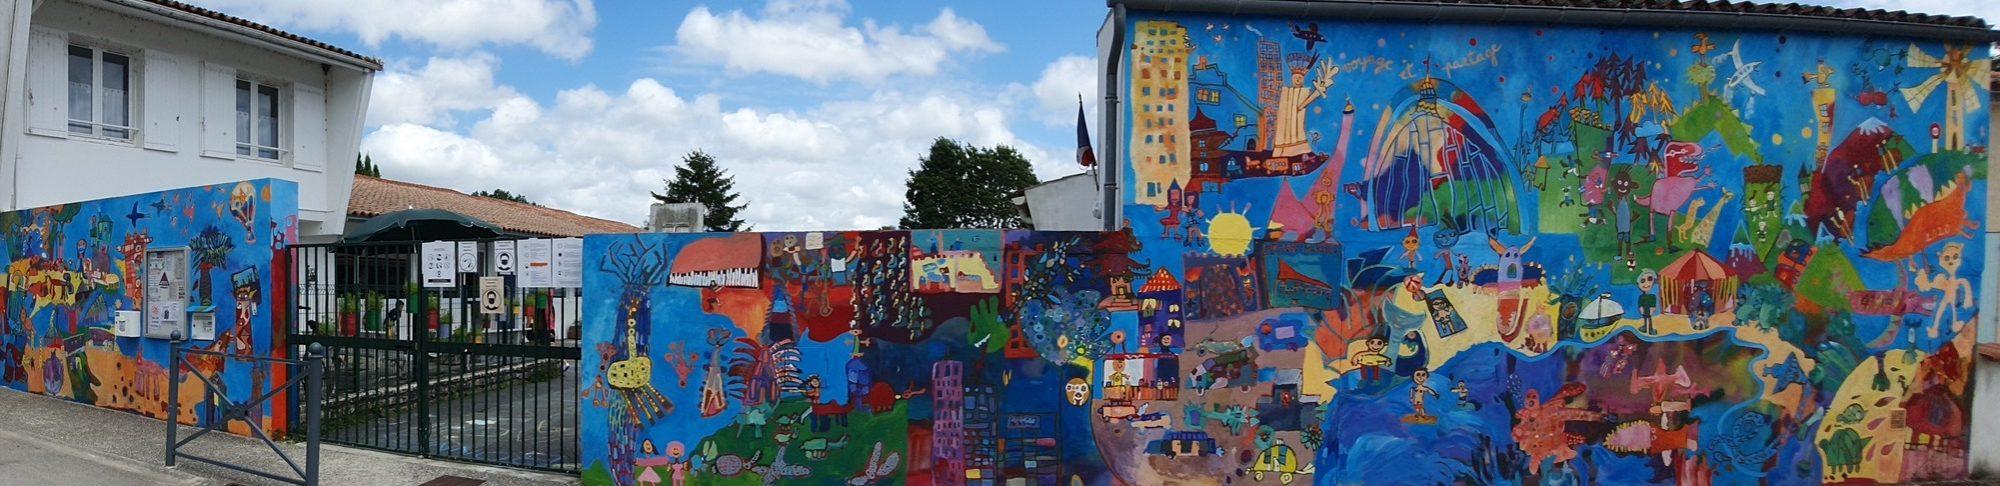 Image bandeau fresque école